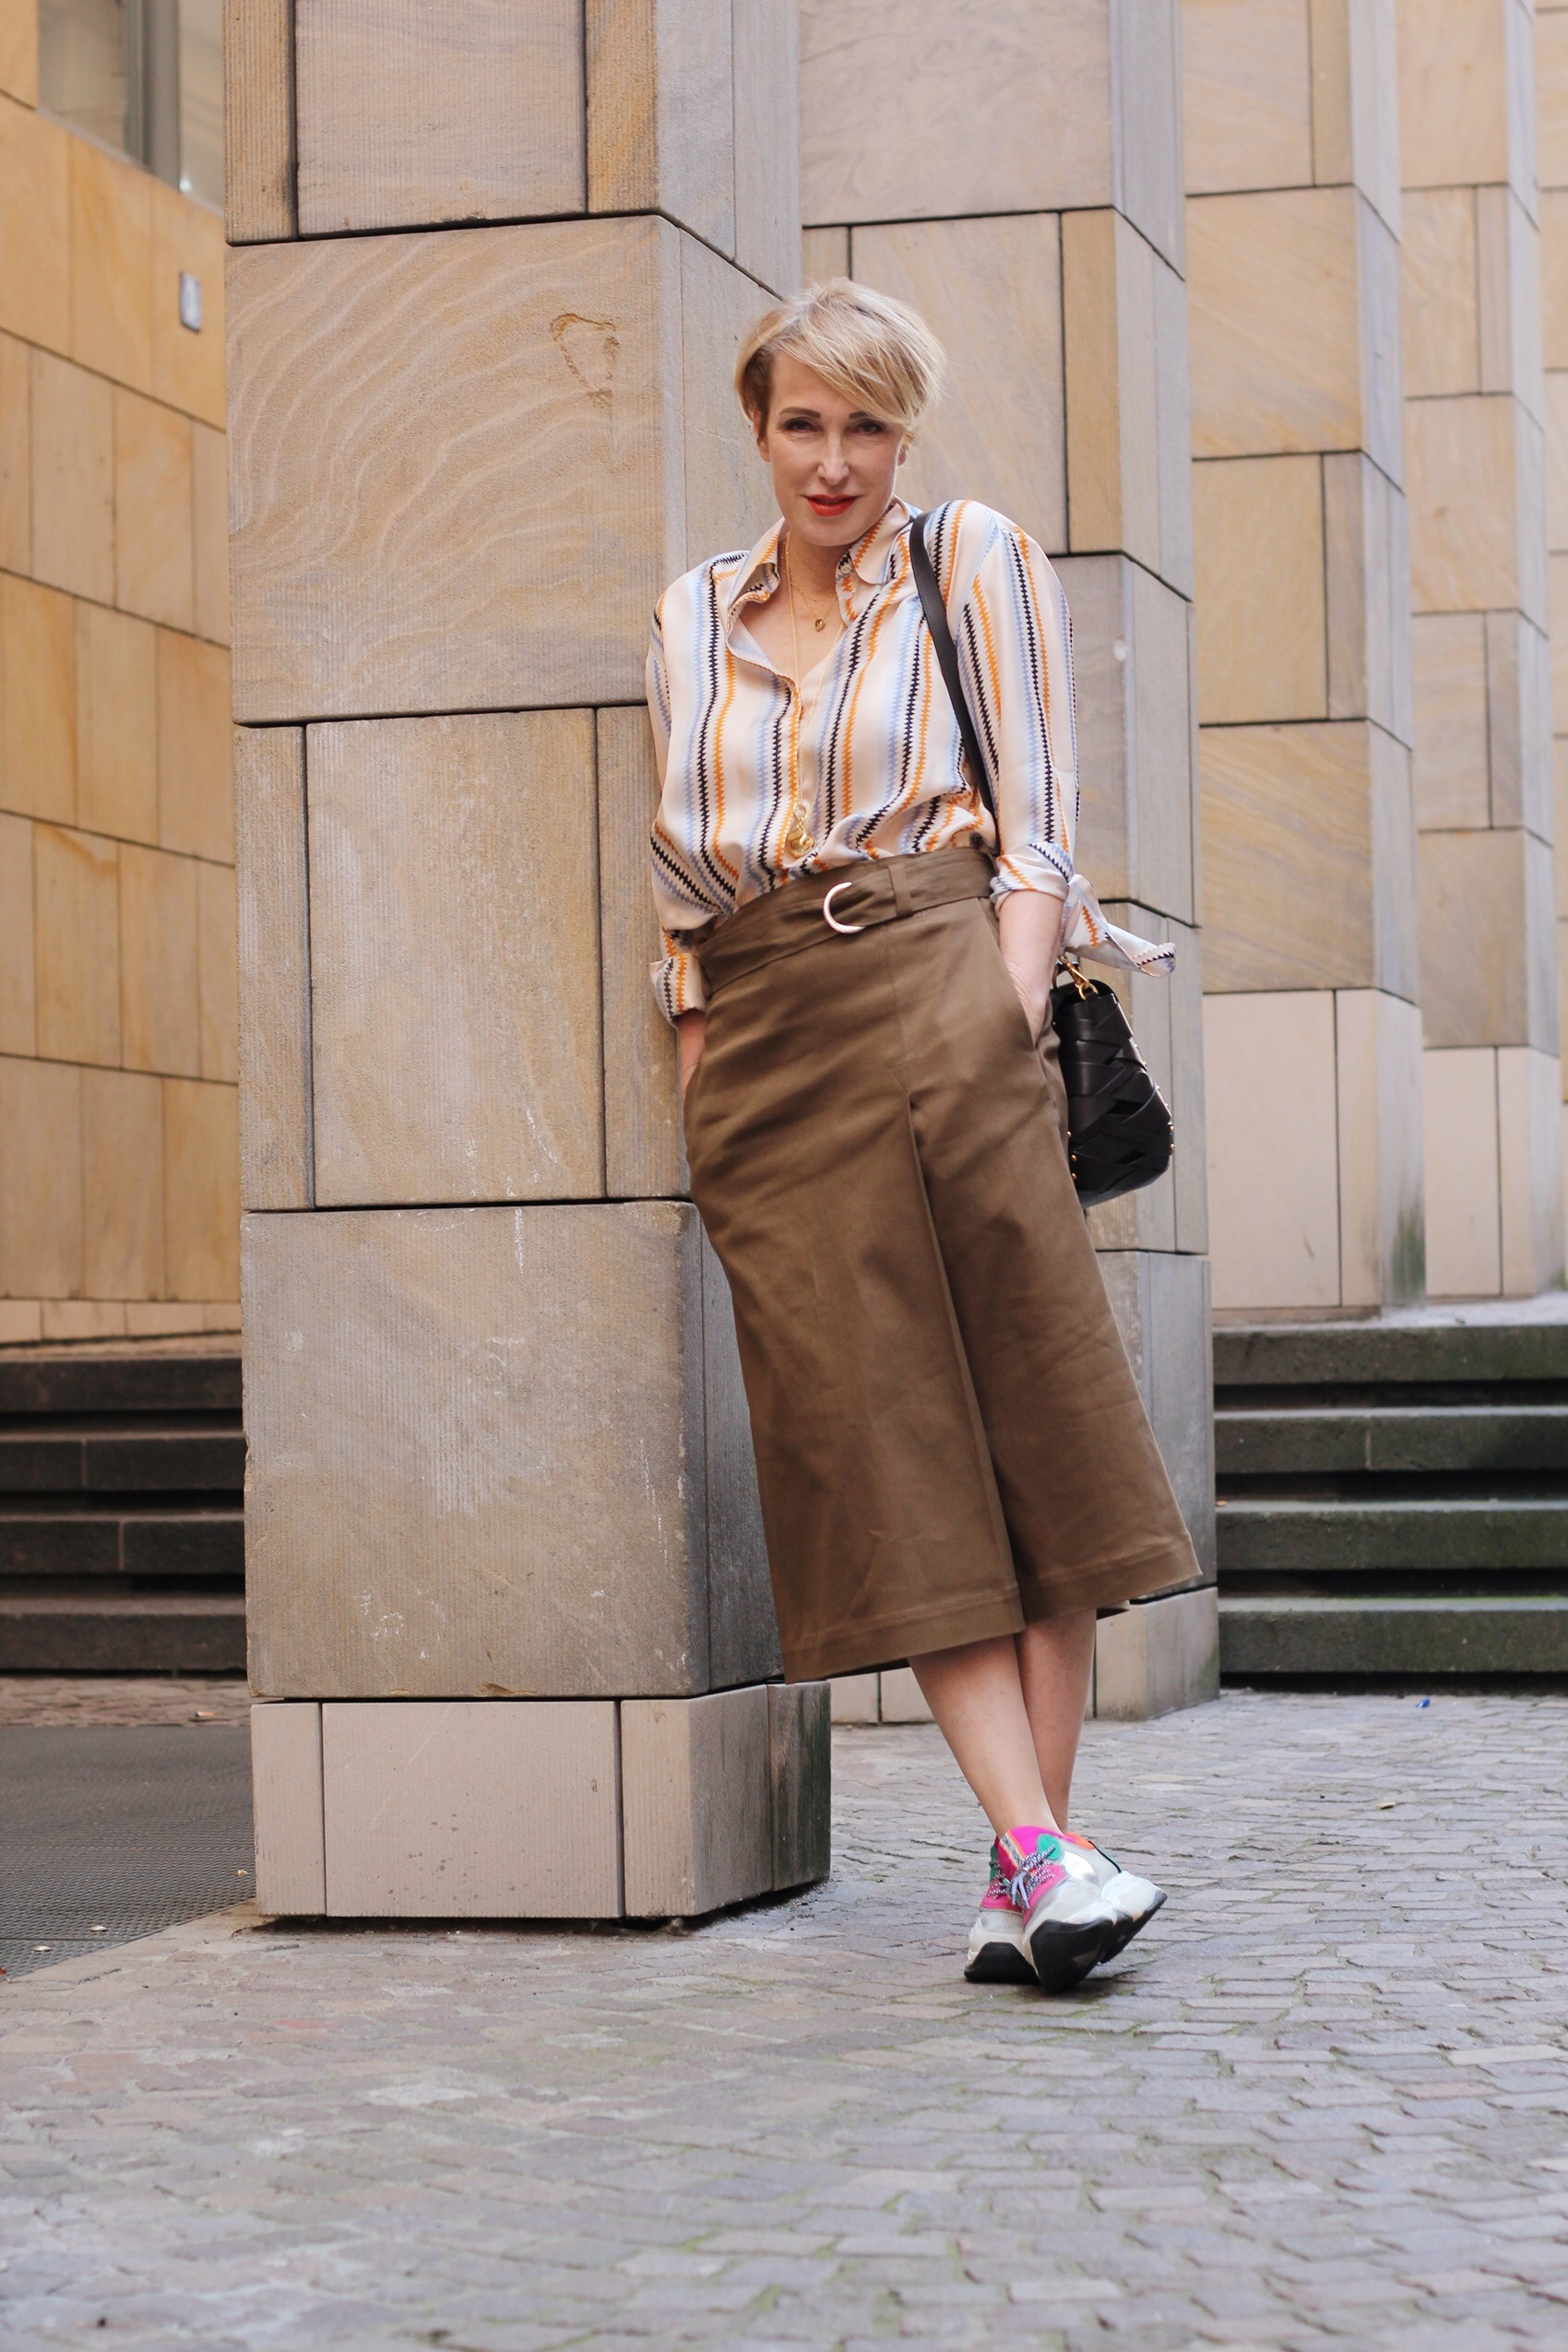 glamupyourlifestyle Röcke Sommer-Outfit Seidenrock Plissee Midi-Röcken ü-40-blog ü-50-blog ue-40-blog ü-50-blog